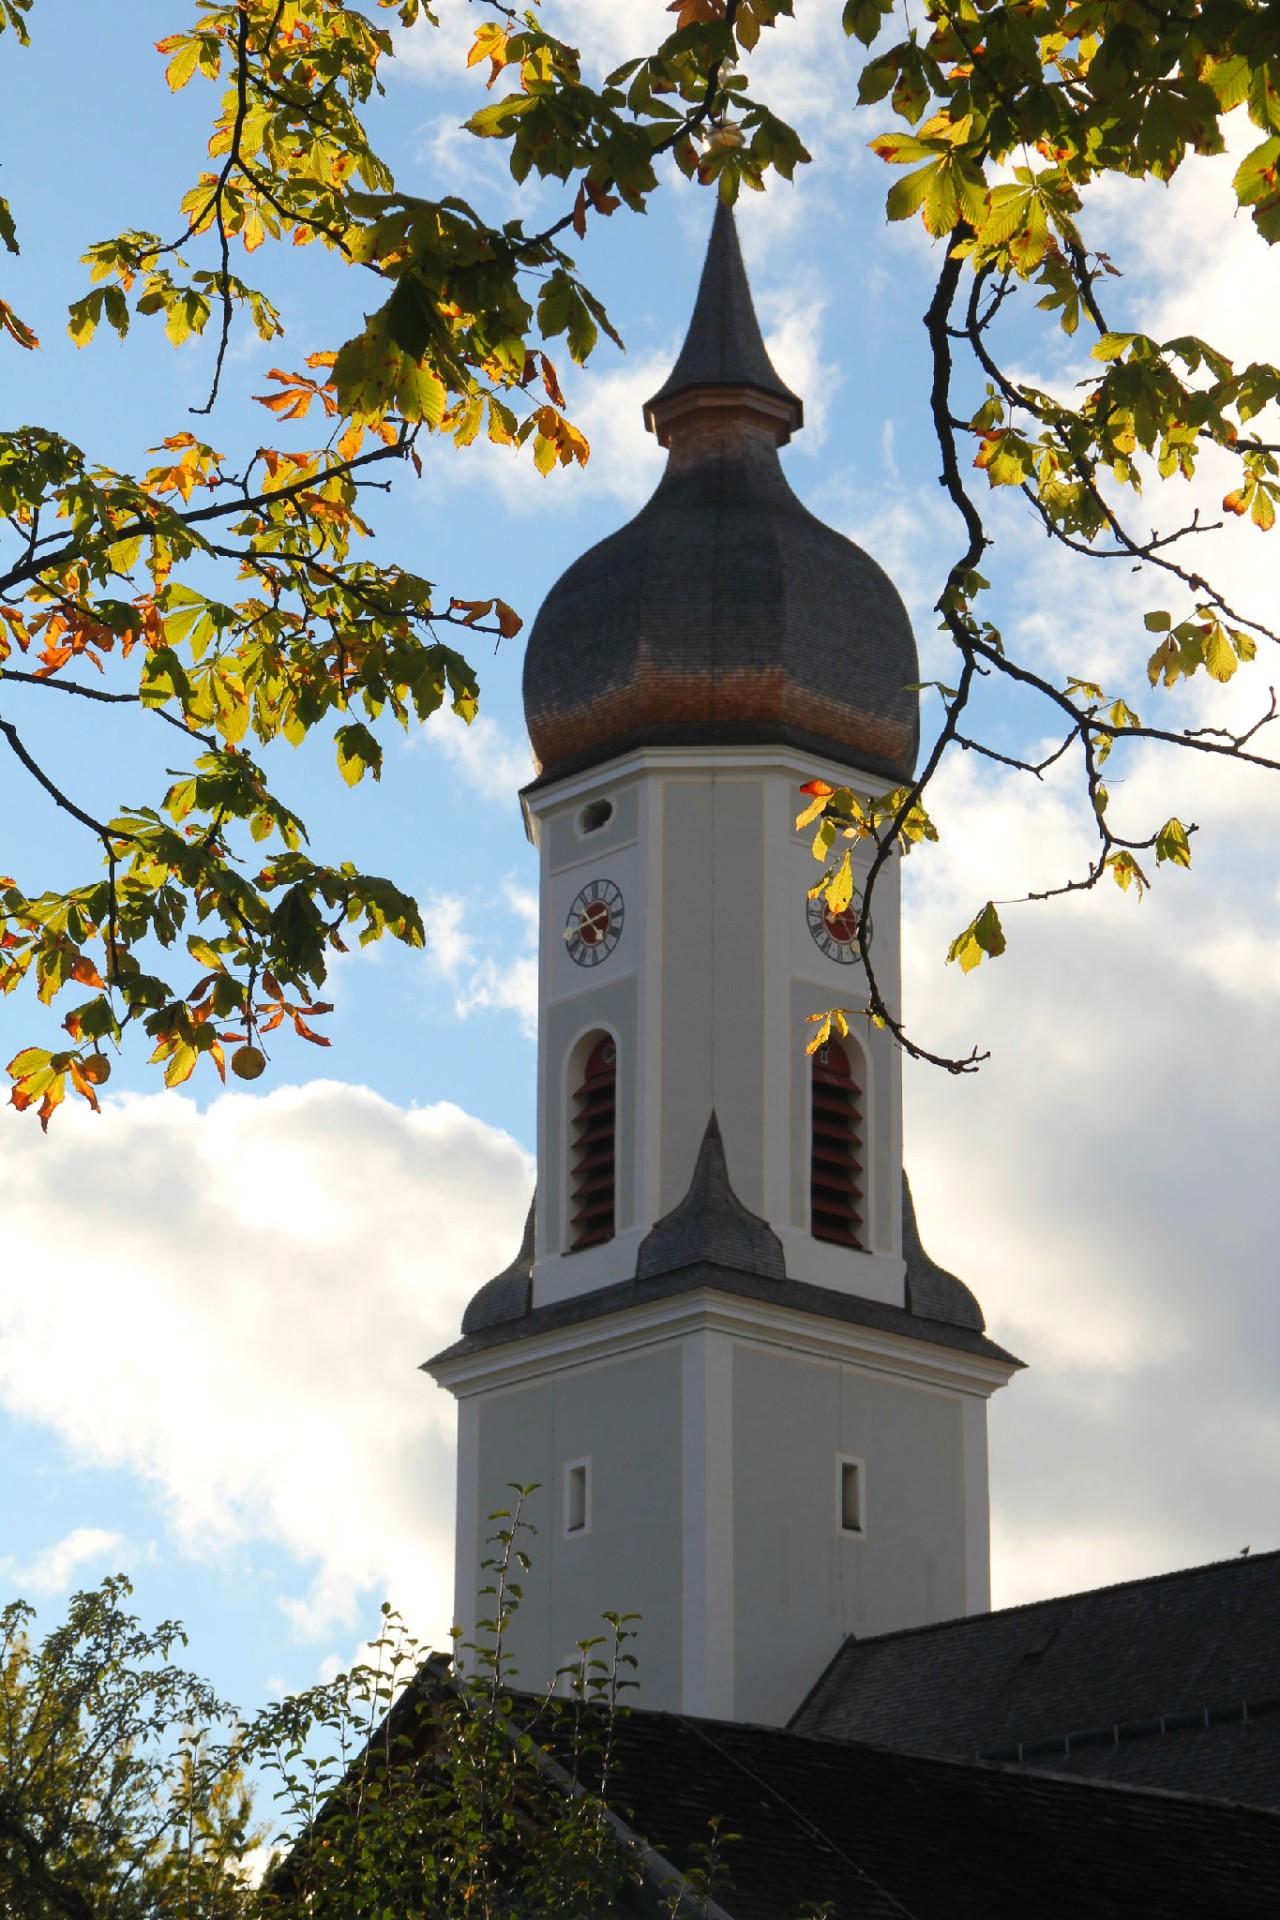 Allemagne: Bière, Bavière etBMW…